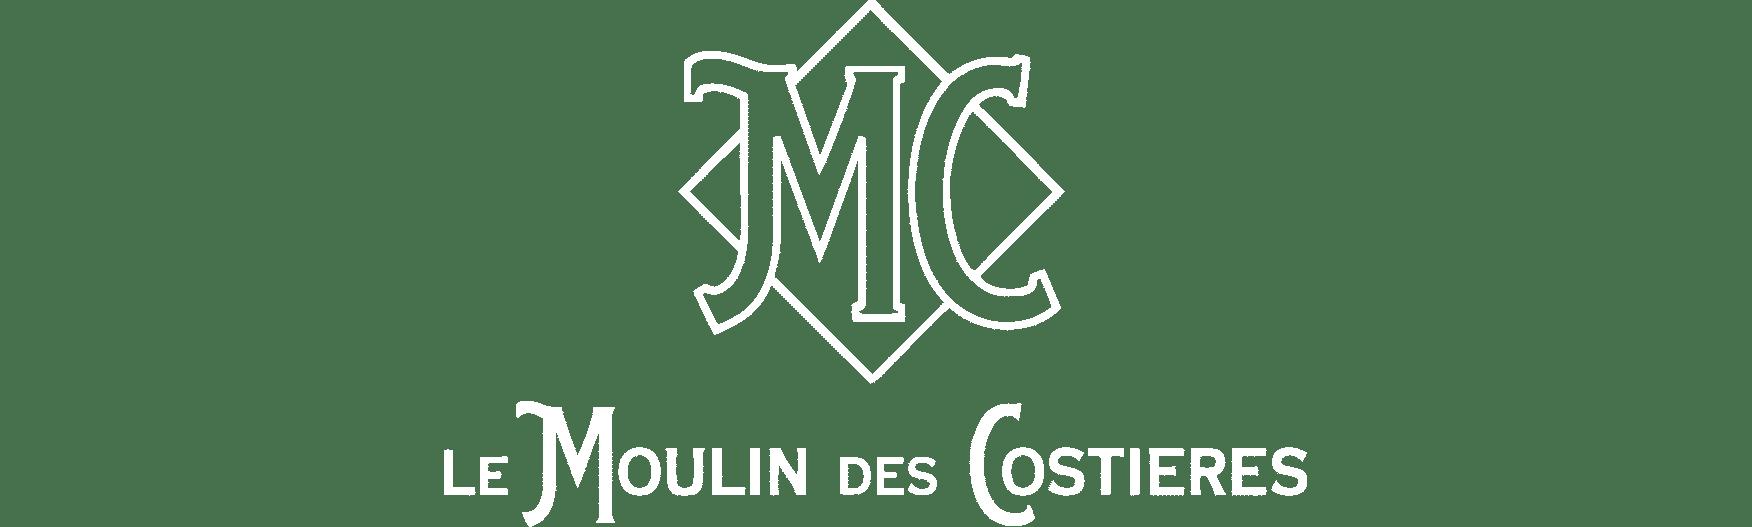 Le Moulin des Costieres